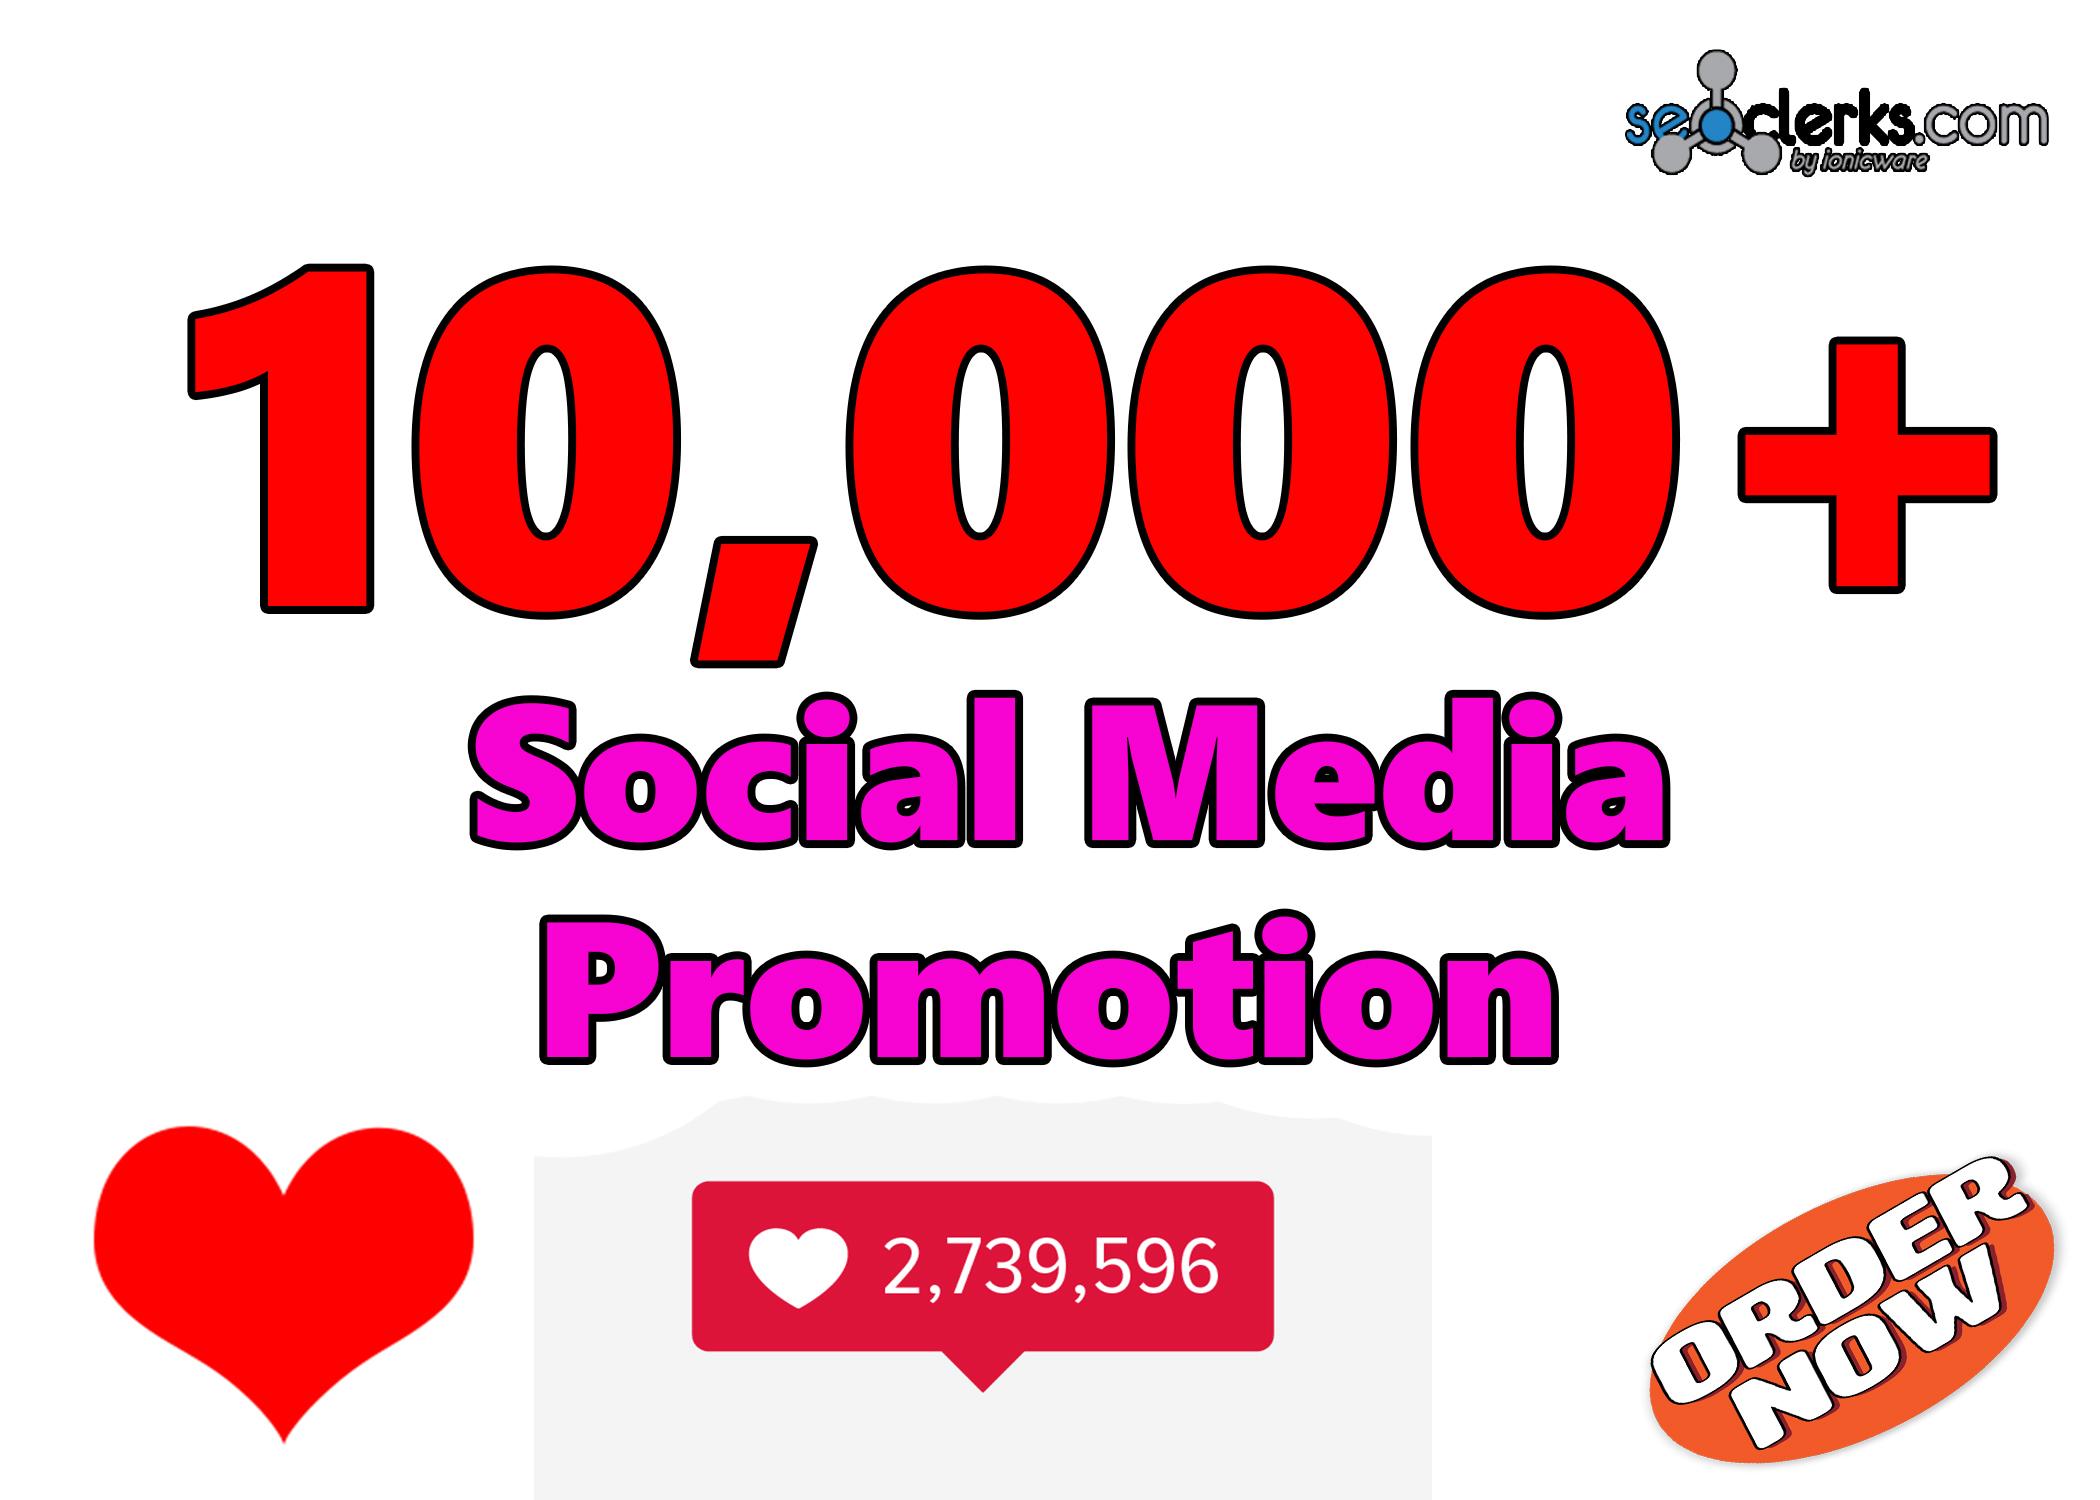 send 10000 I G photo li kes promotion - LIMITED OFFER